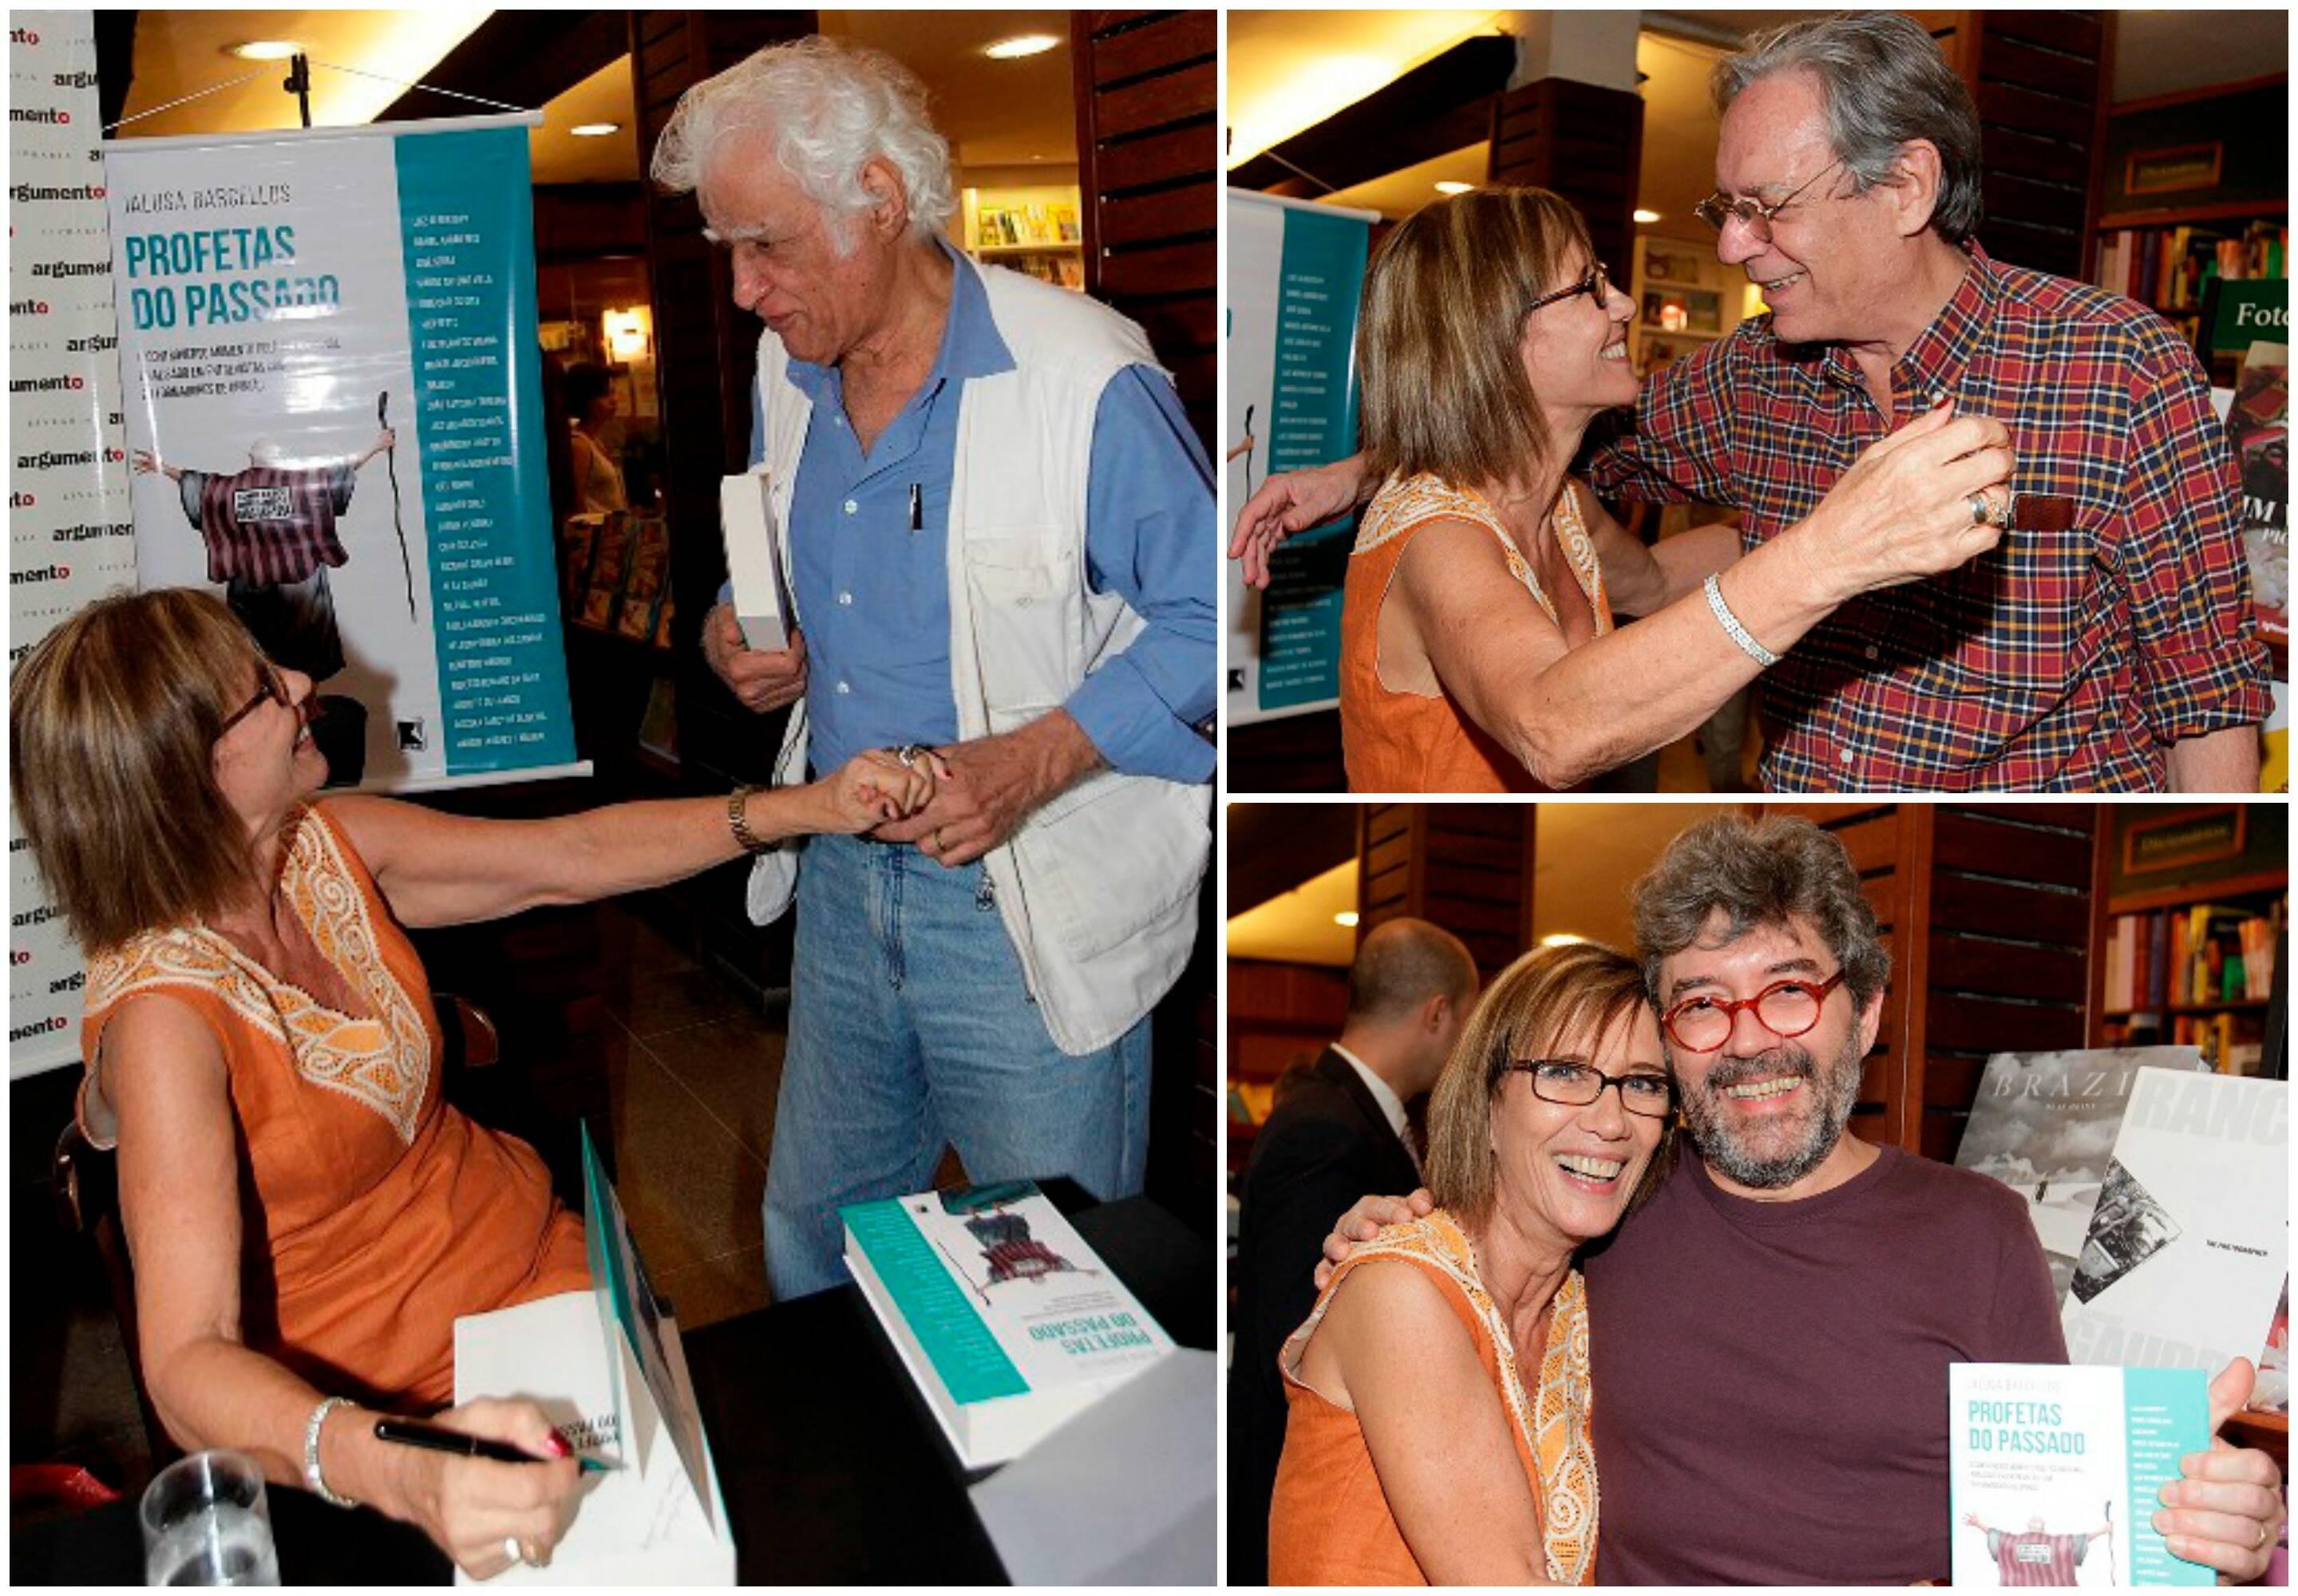 No alto, a autora Jalusa Barcelos com Luiz Alberto Py, à esquerda; ao lado, ela e Zuenir Ventura; acima, em sentido horário, com Ziraldo, Paulo Caruso e Aroeira / Fotos: Vermelho